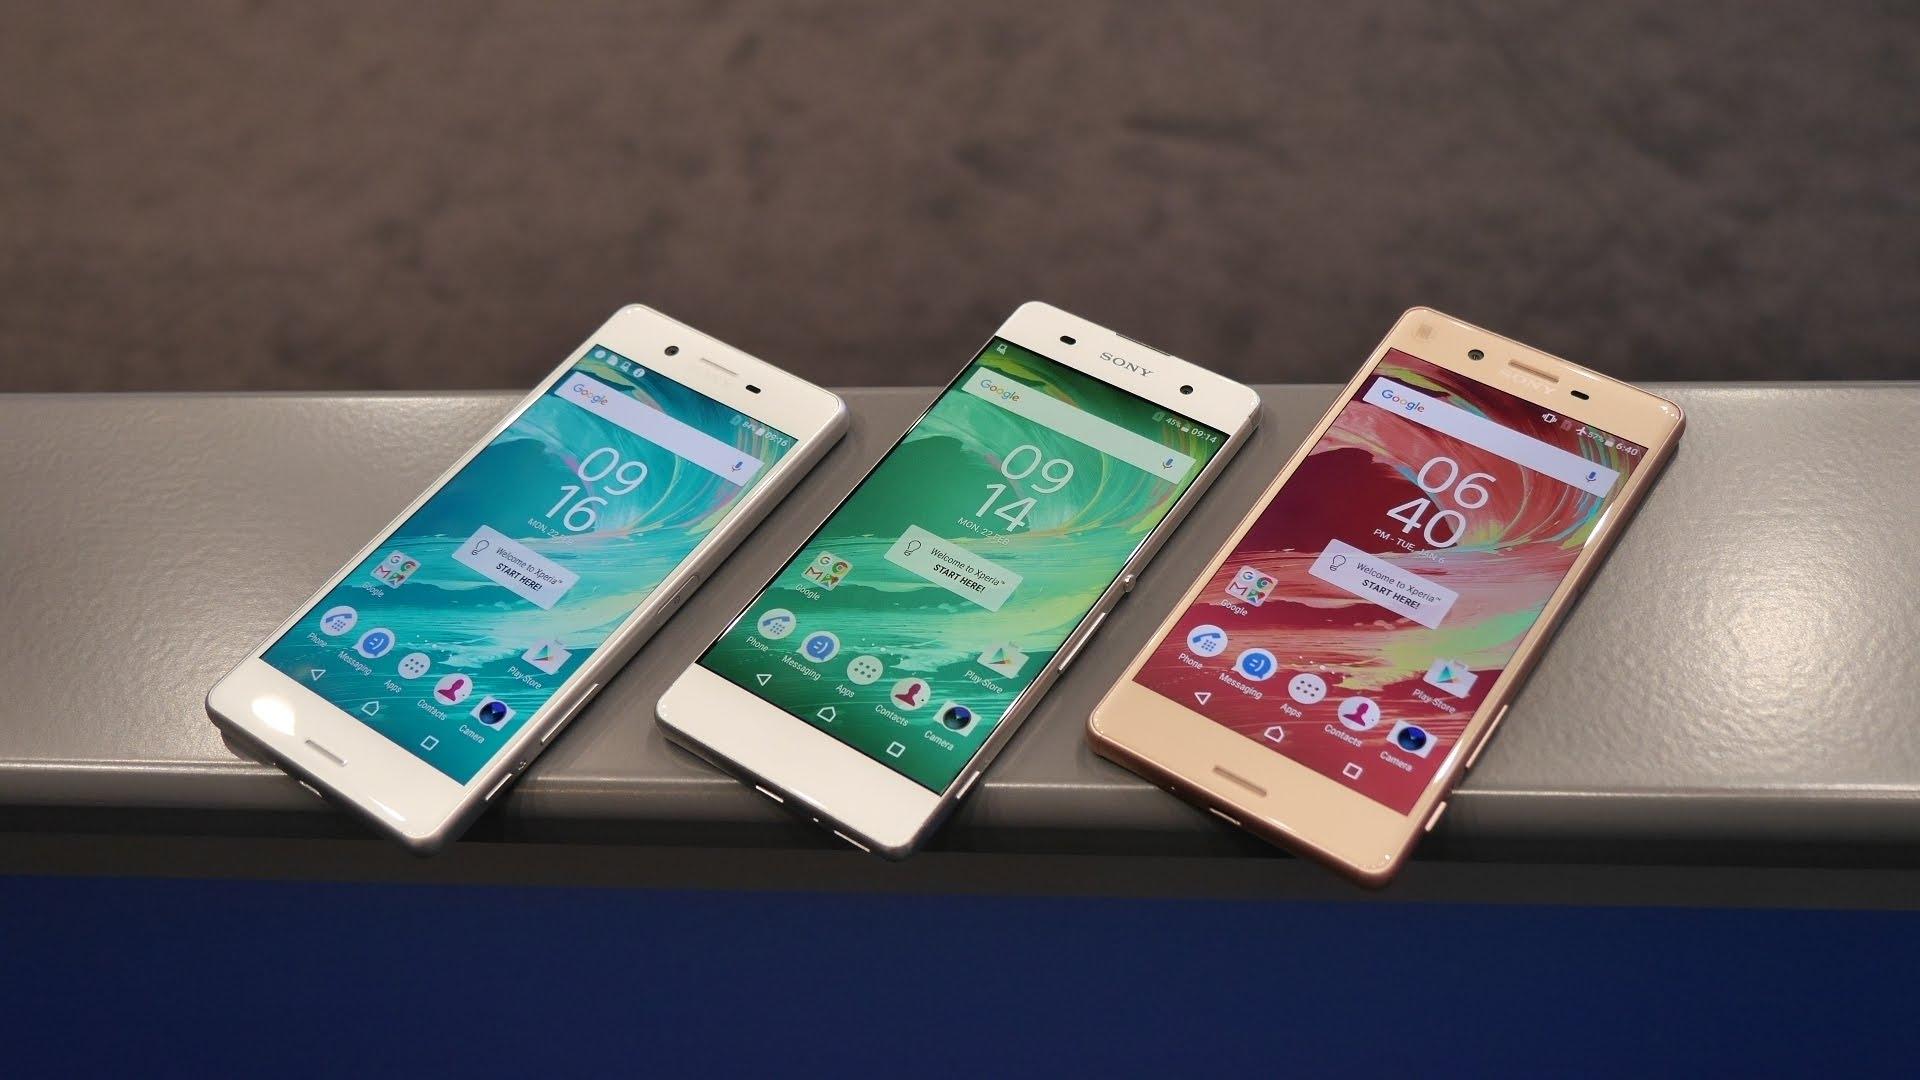 Sony Xperia X จะวางขายในสหราชอาณาจักรวันที่ 20 พฤษภาคม และเปิดตัวรุ่น XA ในวันที่ 10 มิถุนายนนี้